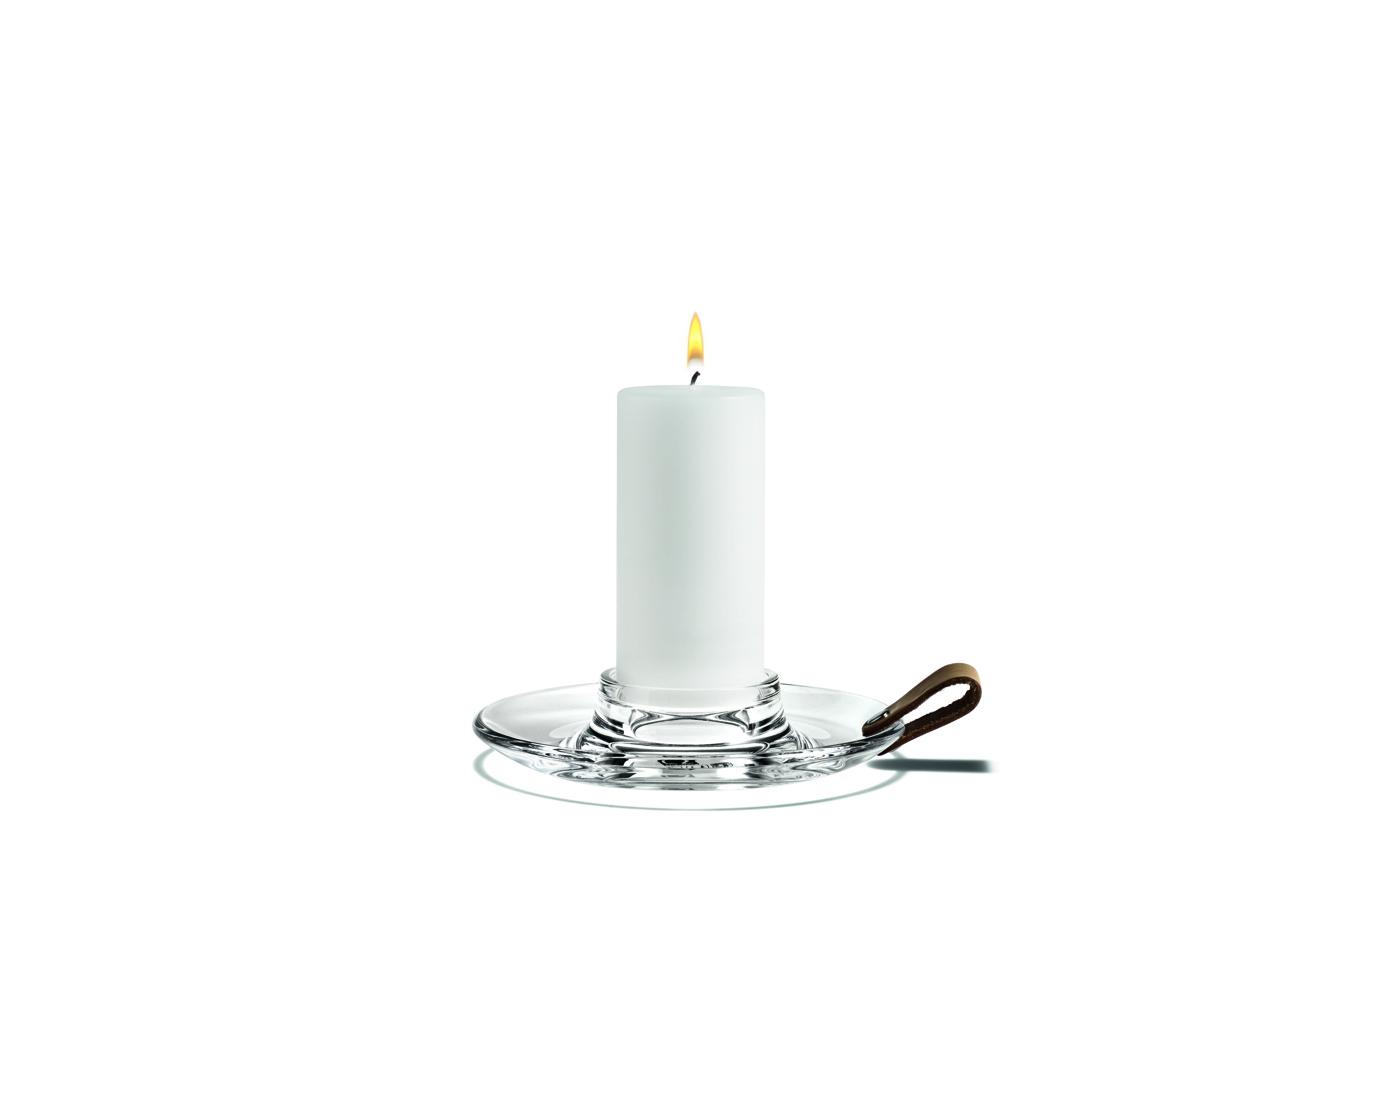 Holmegaard kammarljusstake för gilleljus 17 cm